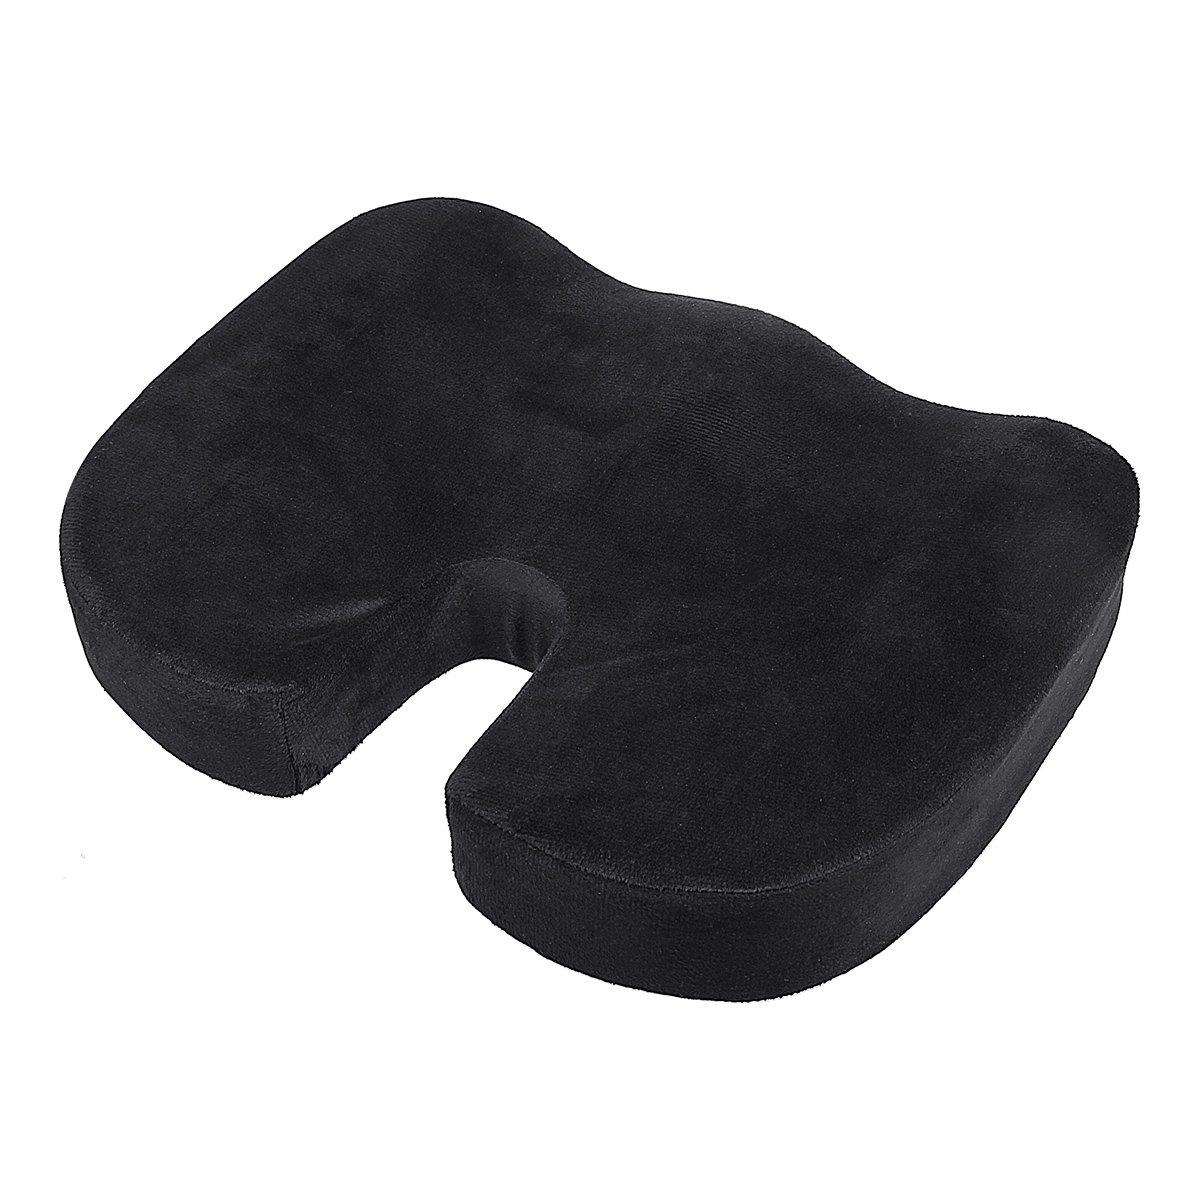 Xidan Cuscino di seduta, schiuma di memoria pura al 100% Cuscino lussuoso del sedile, costruzione ortopedica per alleviare il mal di schiena, il dolore sciatico e il dolore al coccige